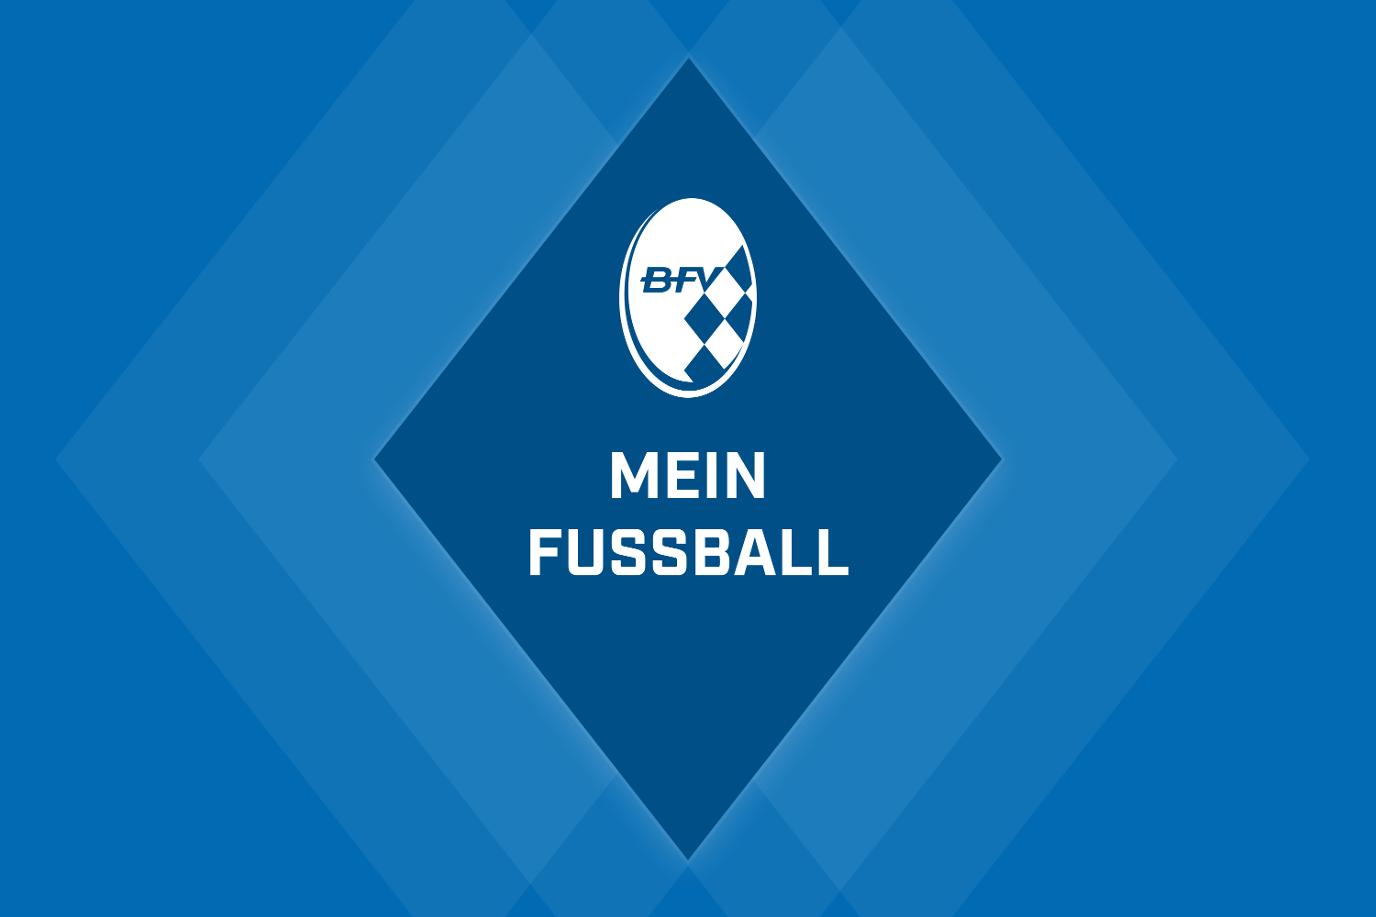 Bayerischer Fussball Verband